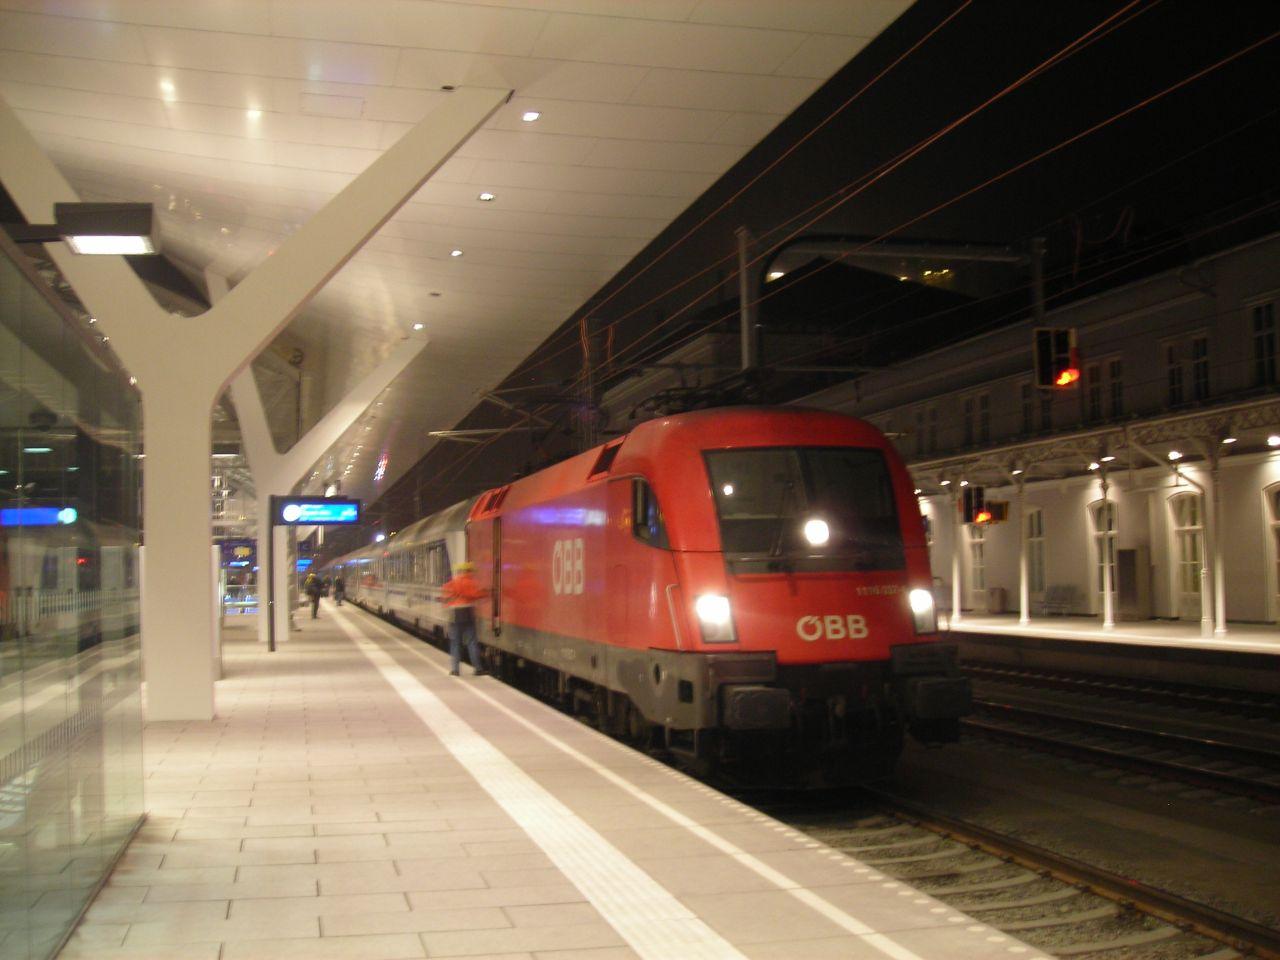 A Főpályaudvarra egy EC vonat érkezik, élén egy ÖBB 1116-os villamosmozdonnyal